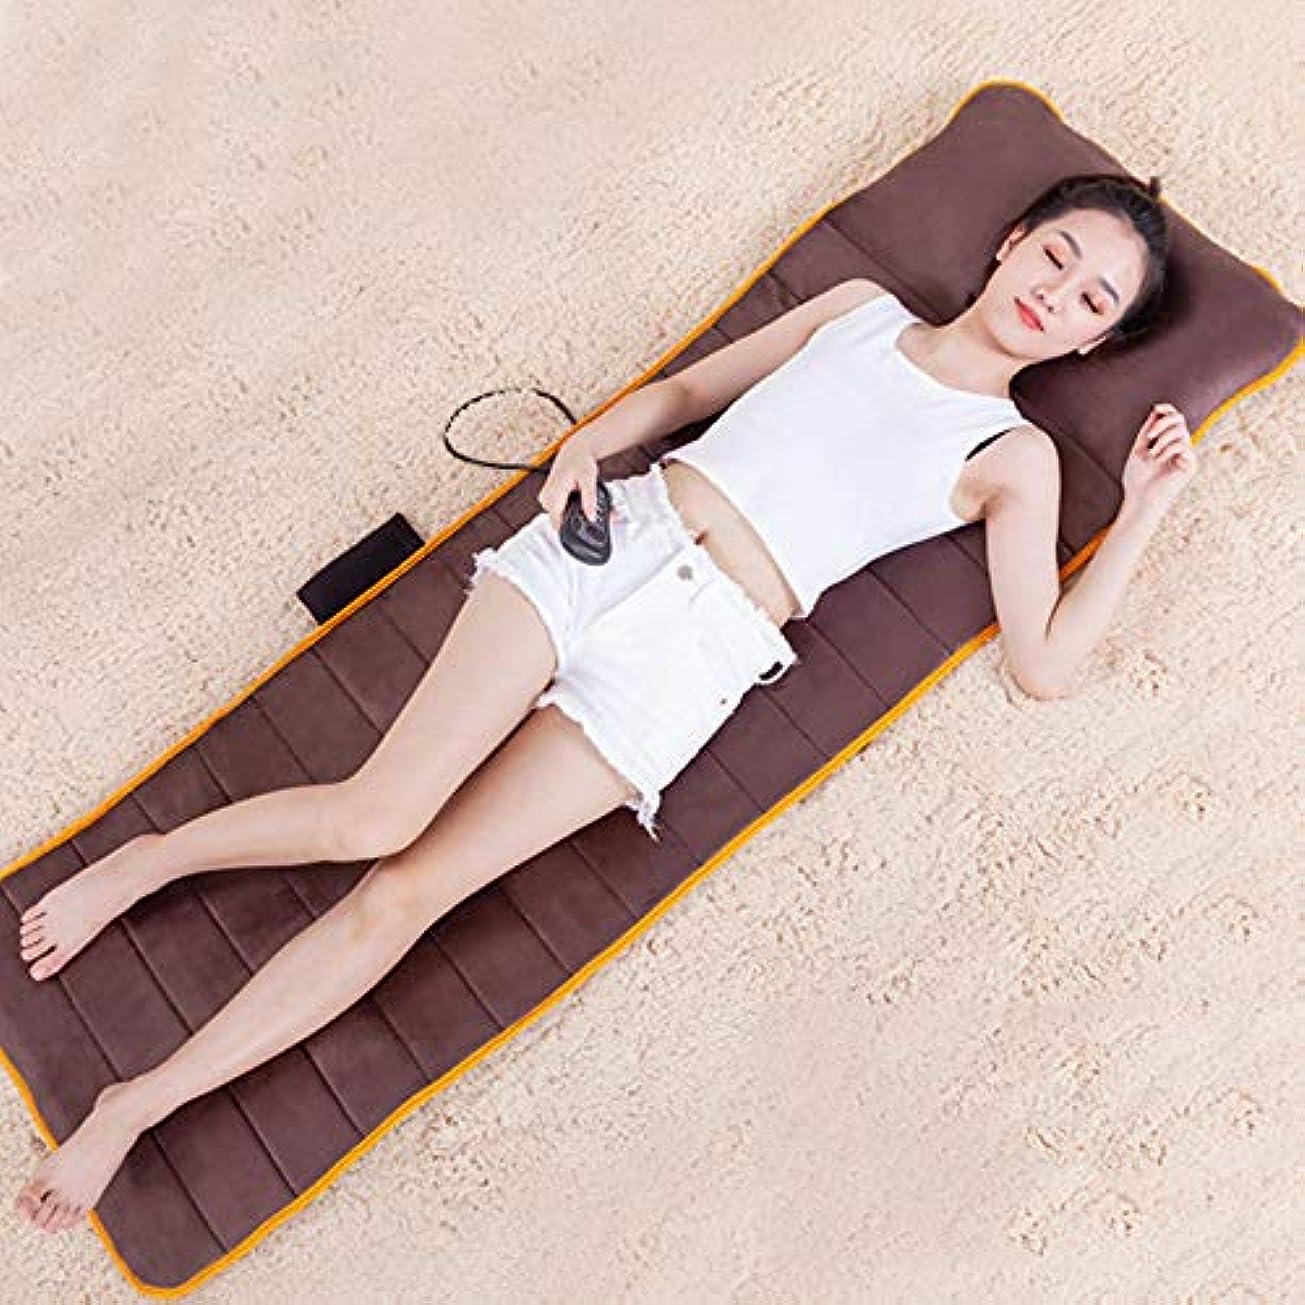 土香水ライオンマッサージマット - 熱 - 振動可能なマッサージパッド - 首、背中、足の痛みを軽減するための10振動モーターマットレスパッド